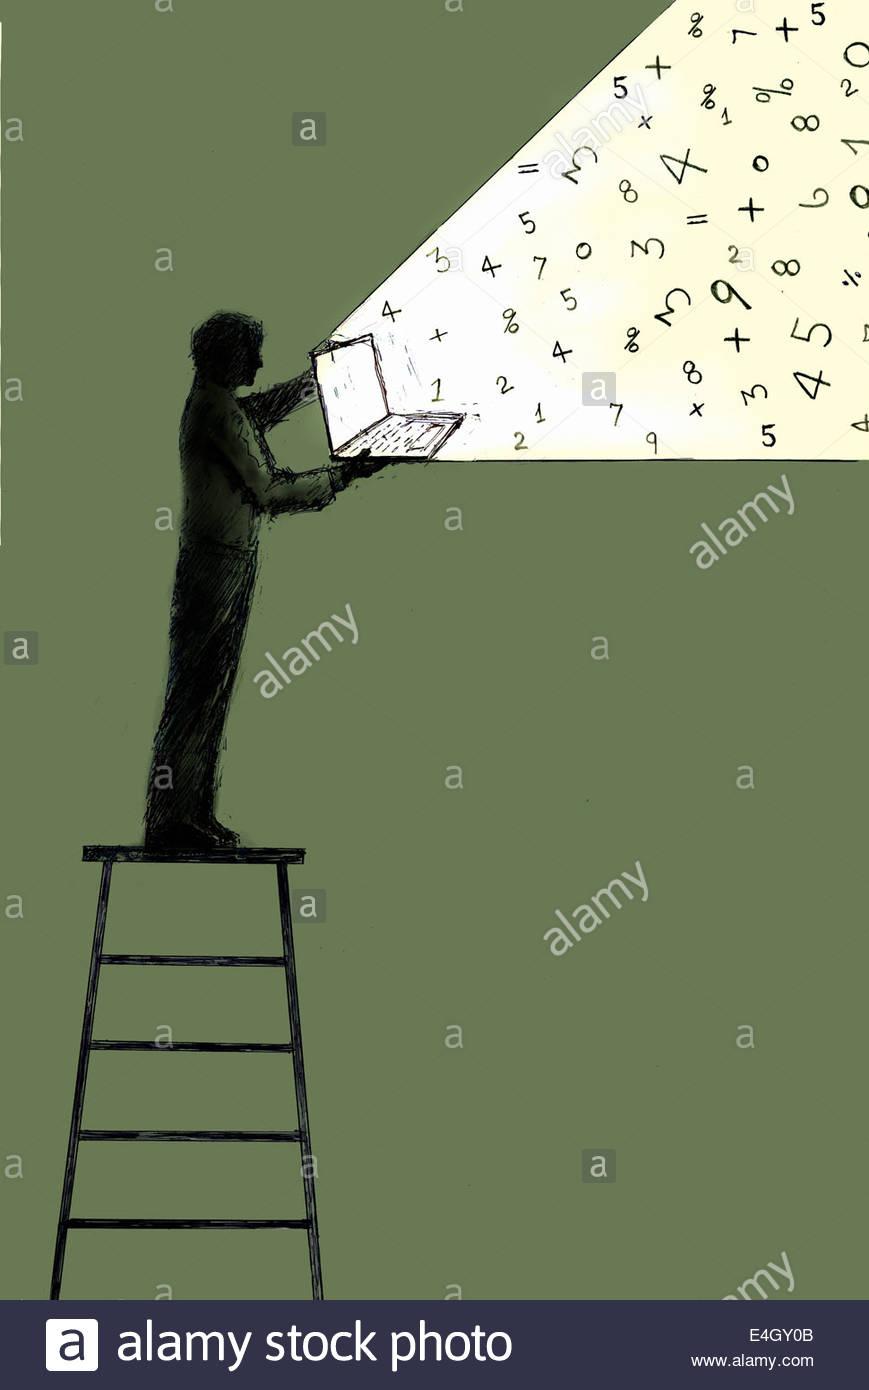 Nombre de streaming open laptop tenu par l'homme debout sur le dessus de l'échelle Photo Stock